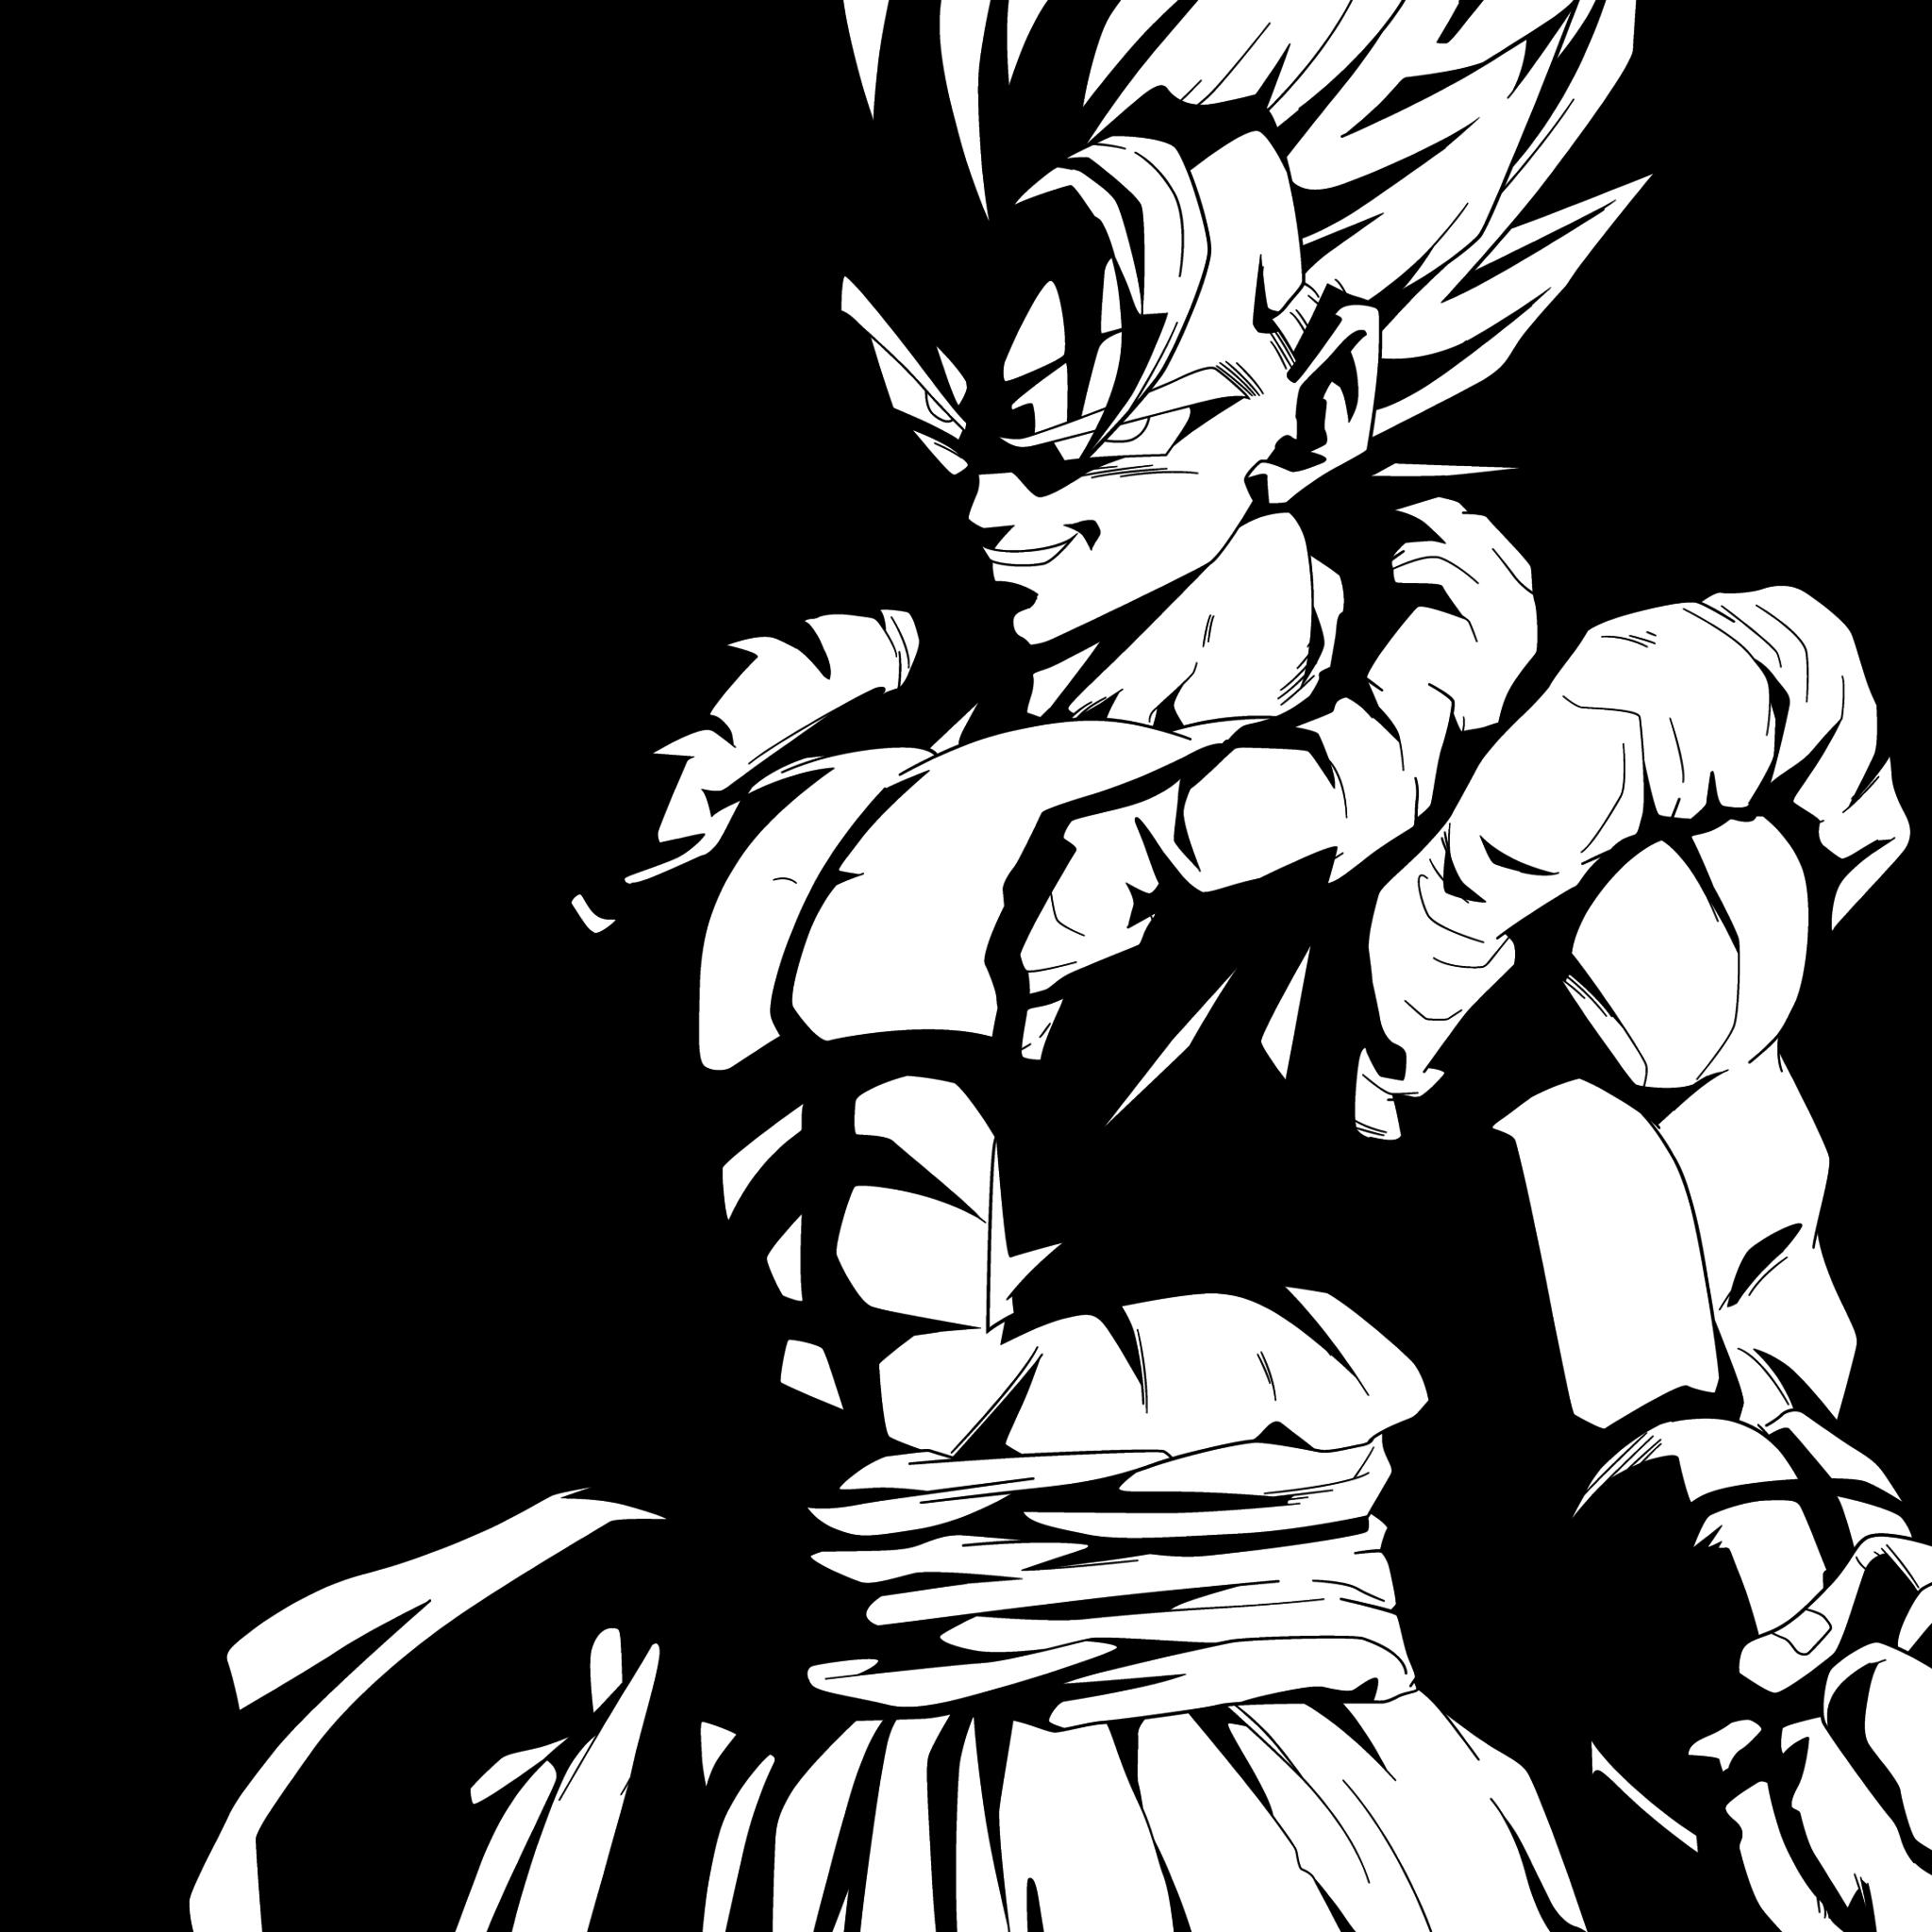 2048x2048 Télécharger Le Goku Noir Et Blanc 2048 X 2048